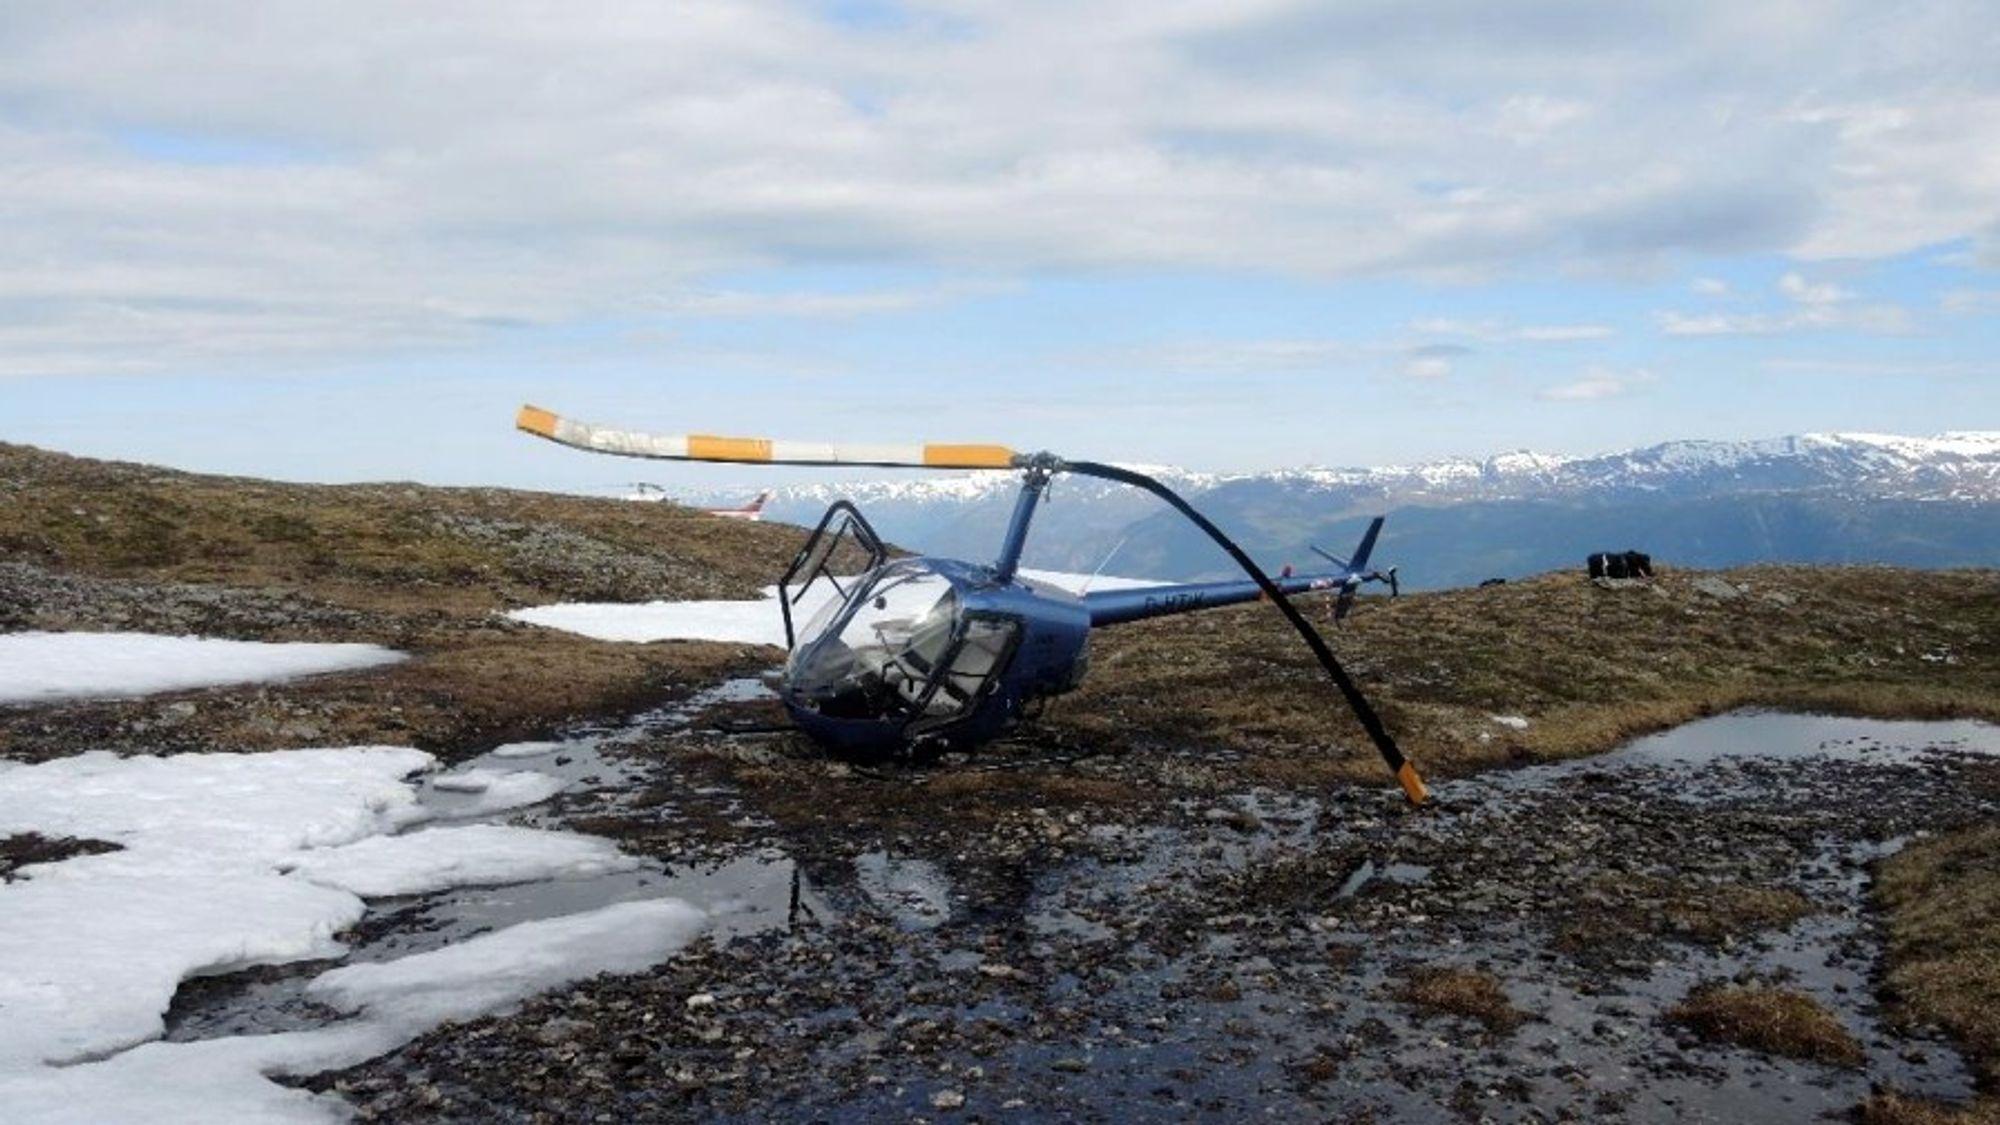 Det venstre understellet knakk og helikopteret veltet mot venstre. Rotoren slo i bakken. Her er det reist opp igjen for å unngå at det rant bensin ut.